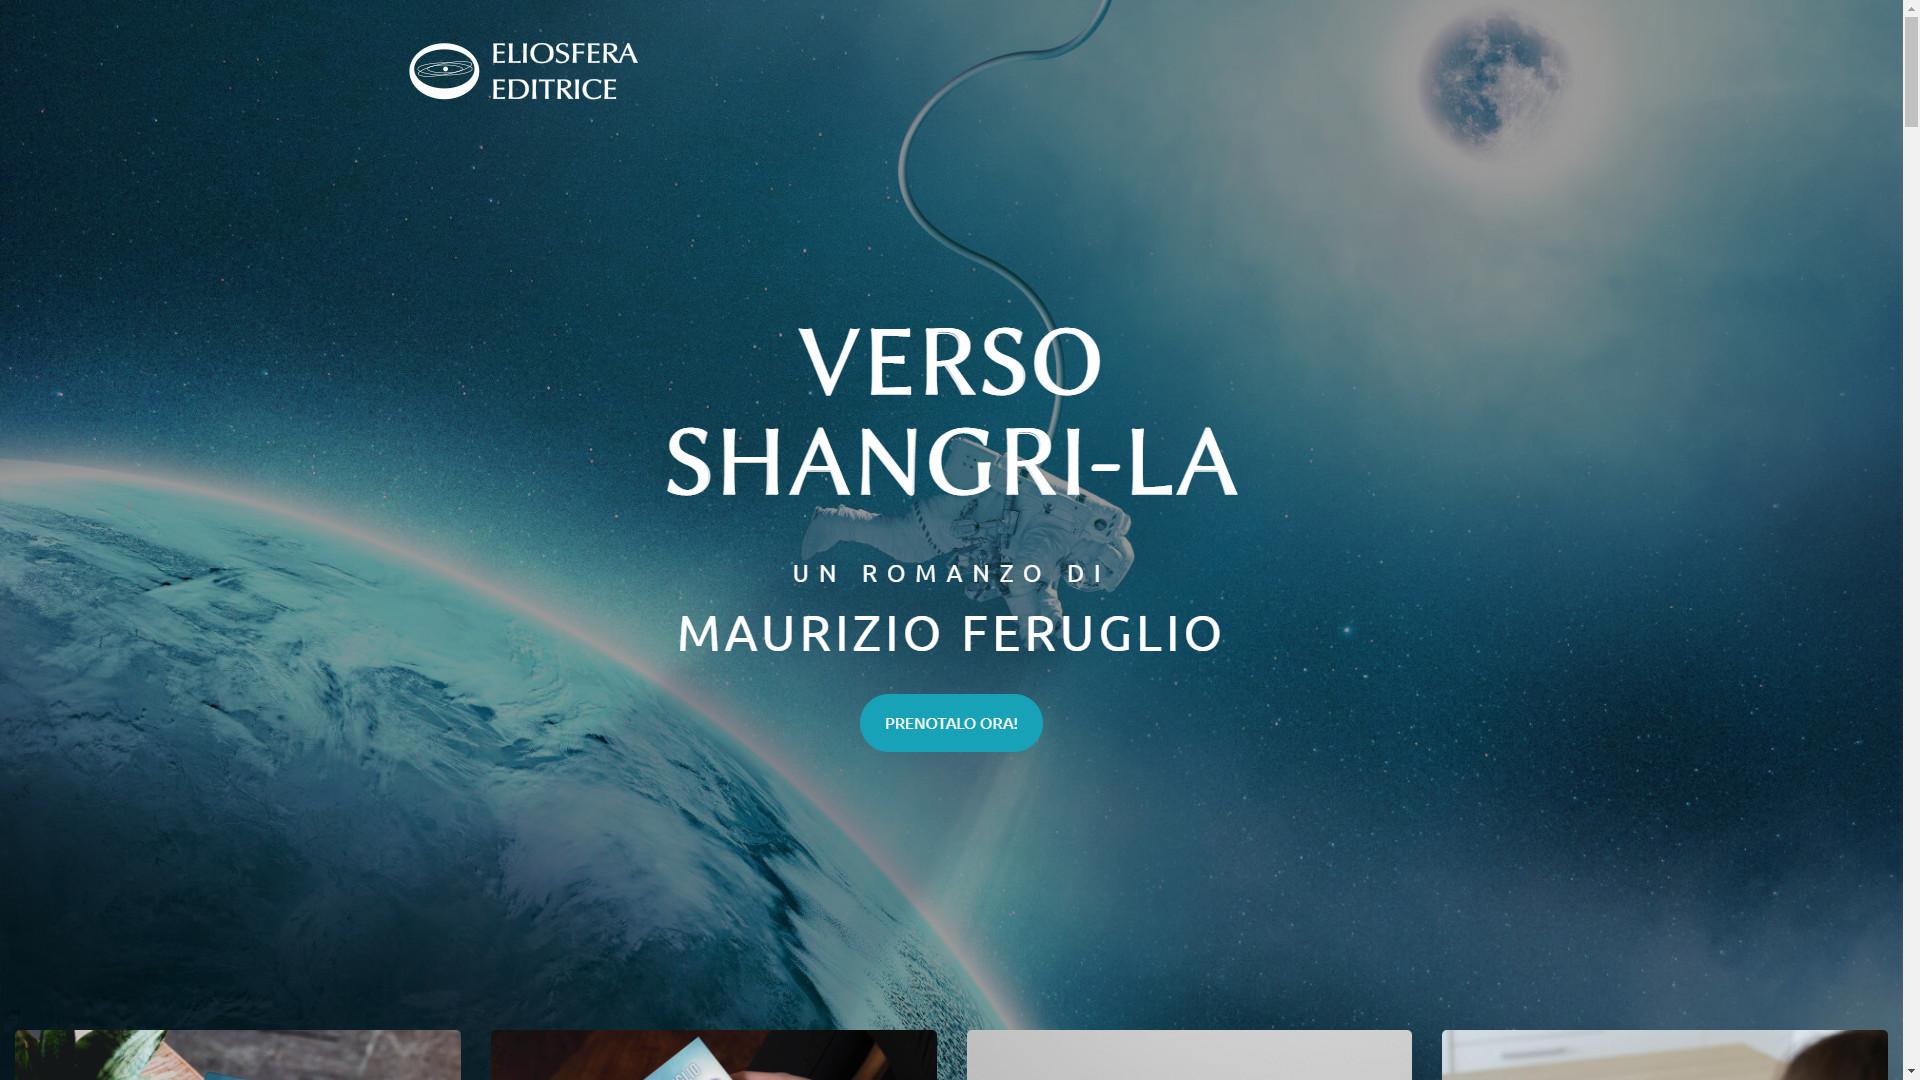 E online il sito www.verso-shangri-la.it, dedicato al romanzo Verso Shangri-La!